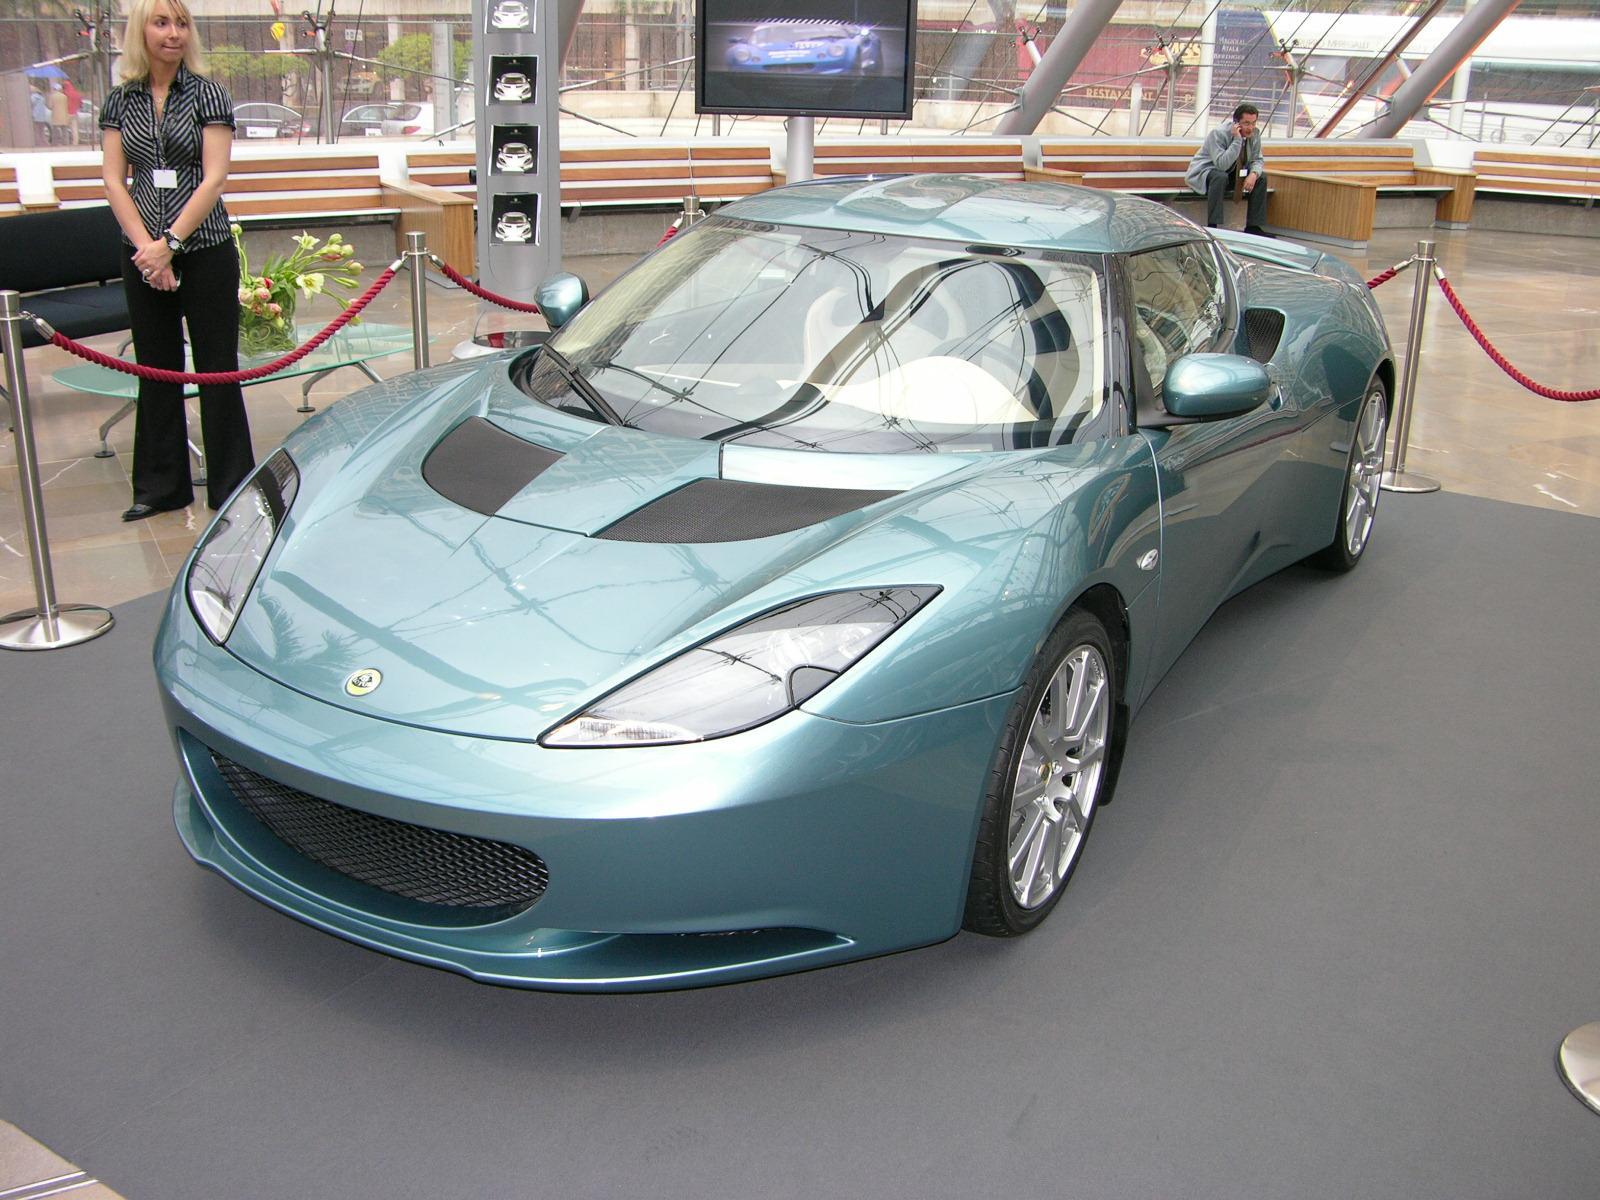 Lotus_Evora_-_Flickr_-_The_Car_Spy_(1).jpg